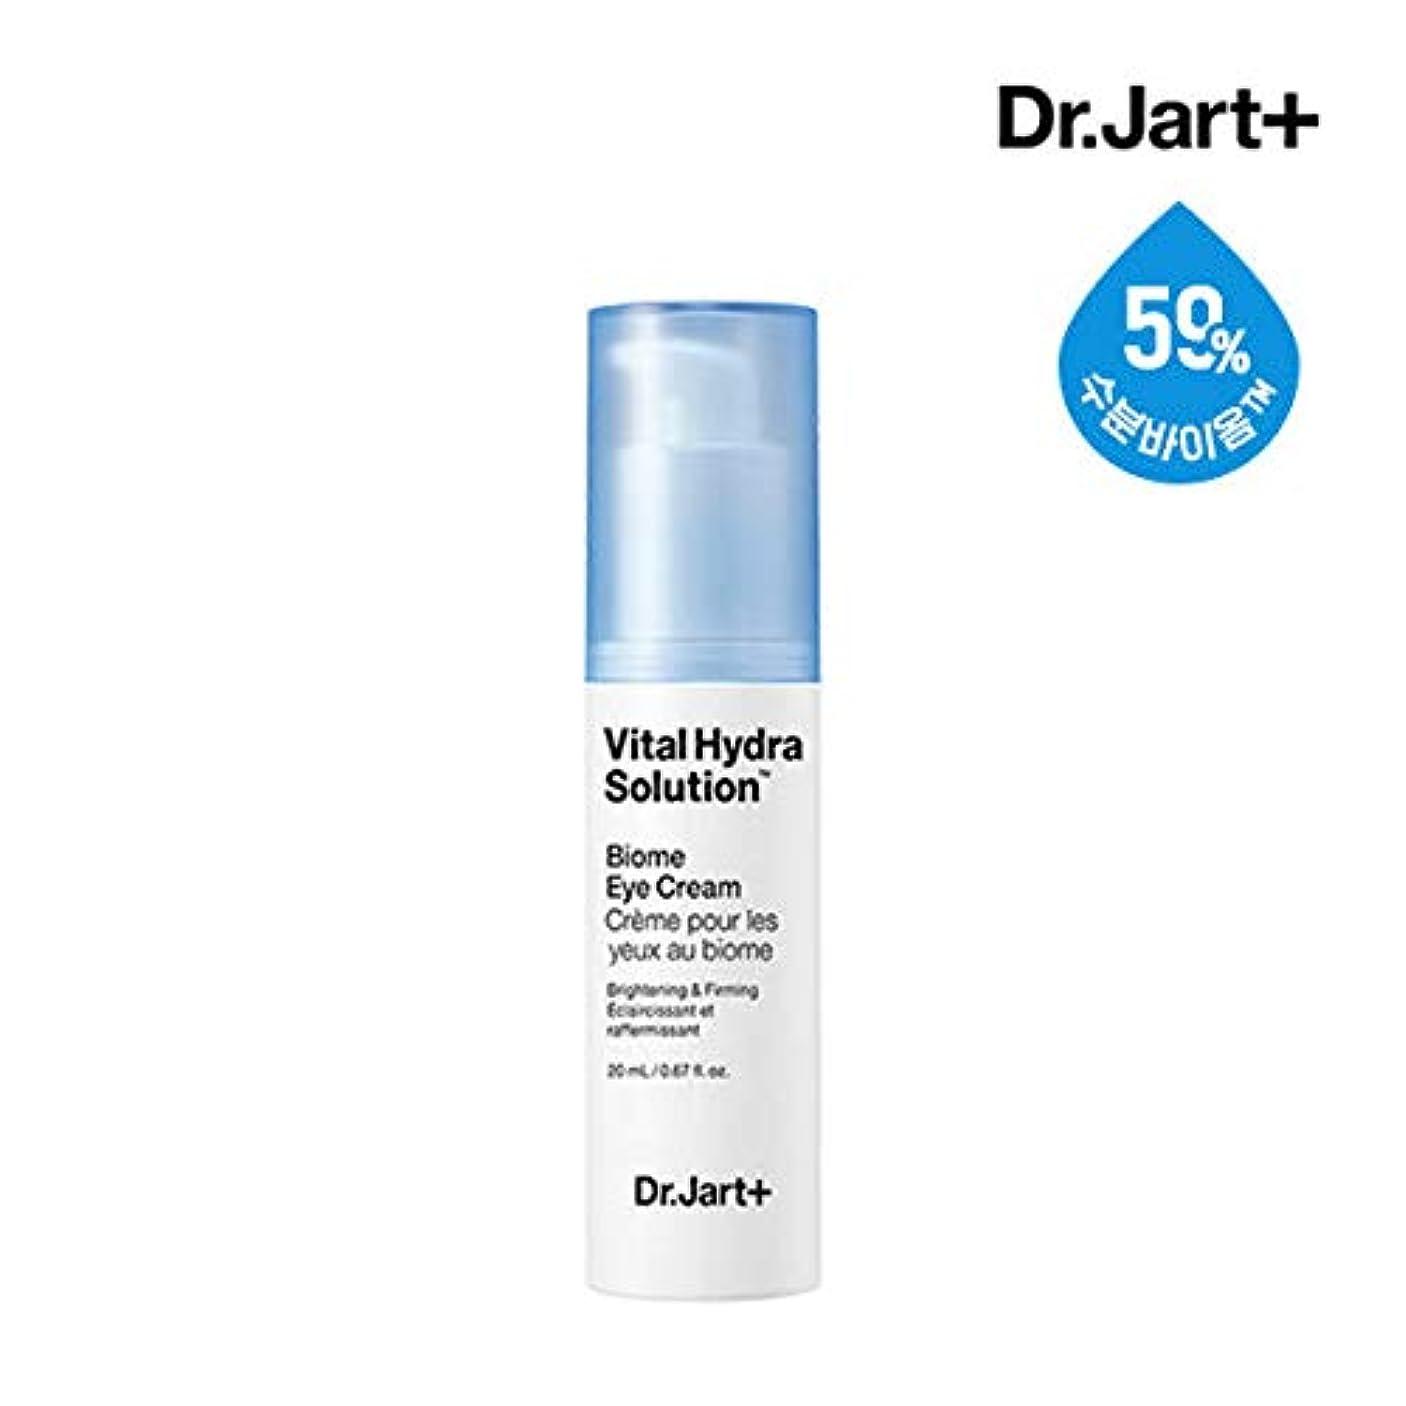 埋めるおとなしい乳白色ドクタージャルトゥ[Dr.Jart+] バイタルハイドラソリューションバイオームアイクリーム20ml (Vital Hydra Solution Biome Eye Cream) / ブライトニング&ファーミング